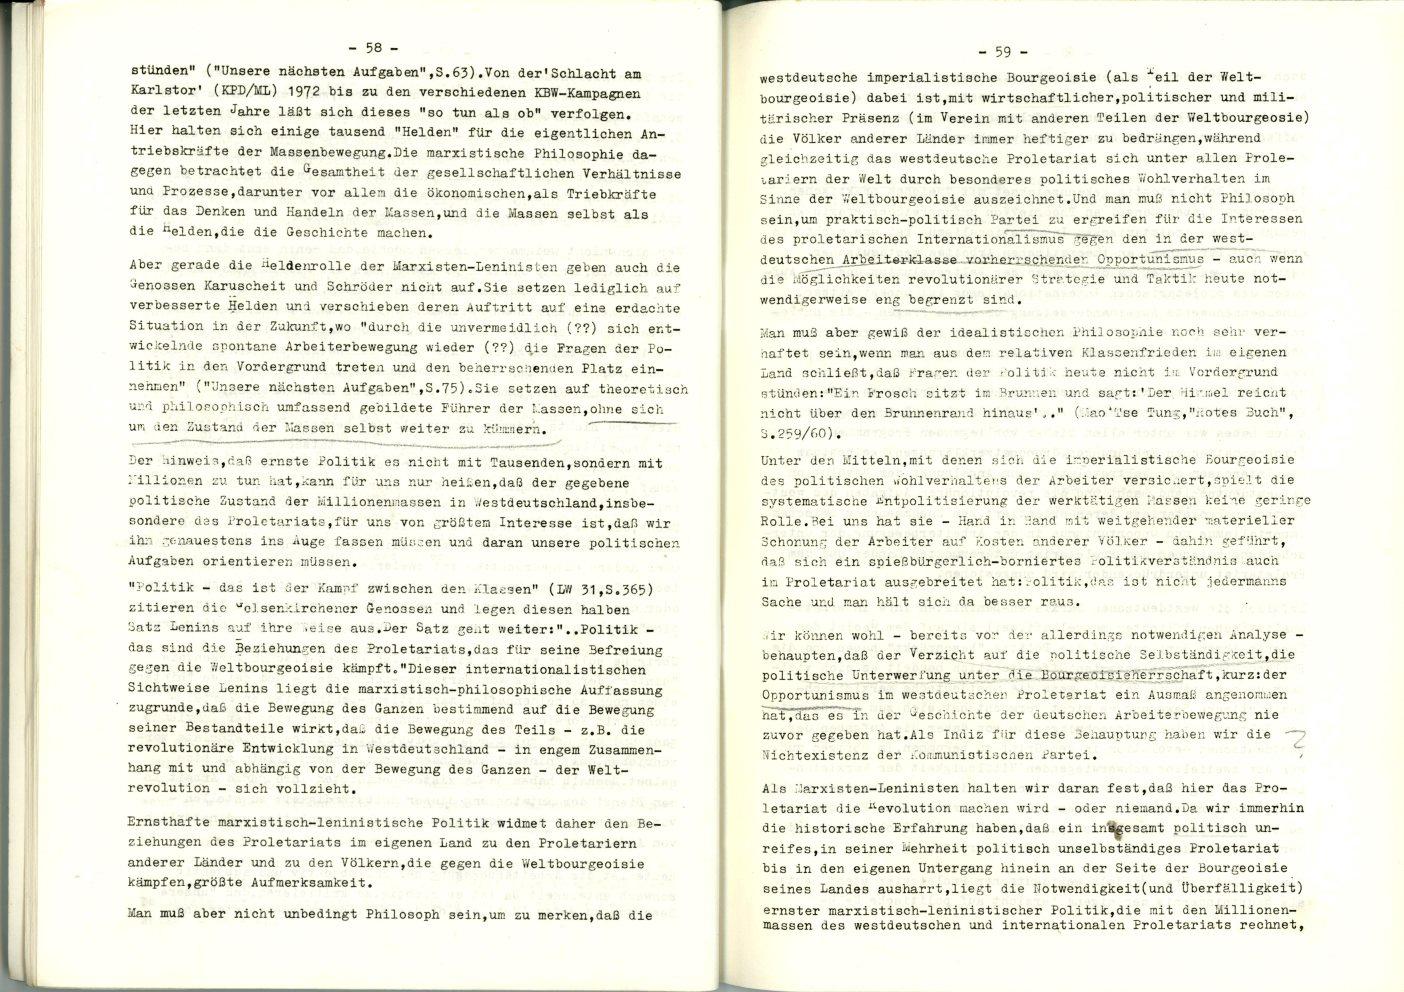 Nuernberg_Fuerth_Erlangen_ML_Diskussionsbeitraege_1979_02_30